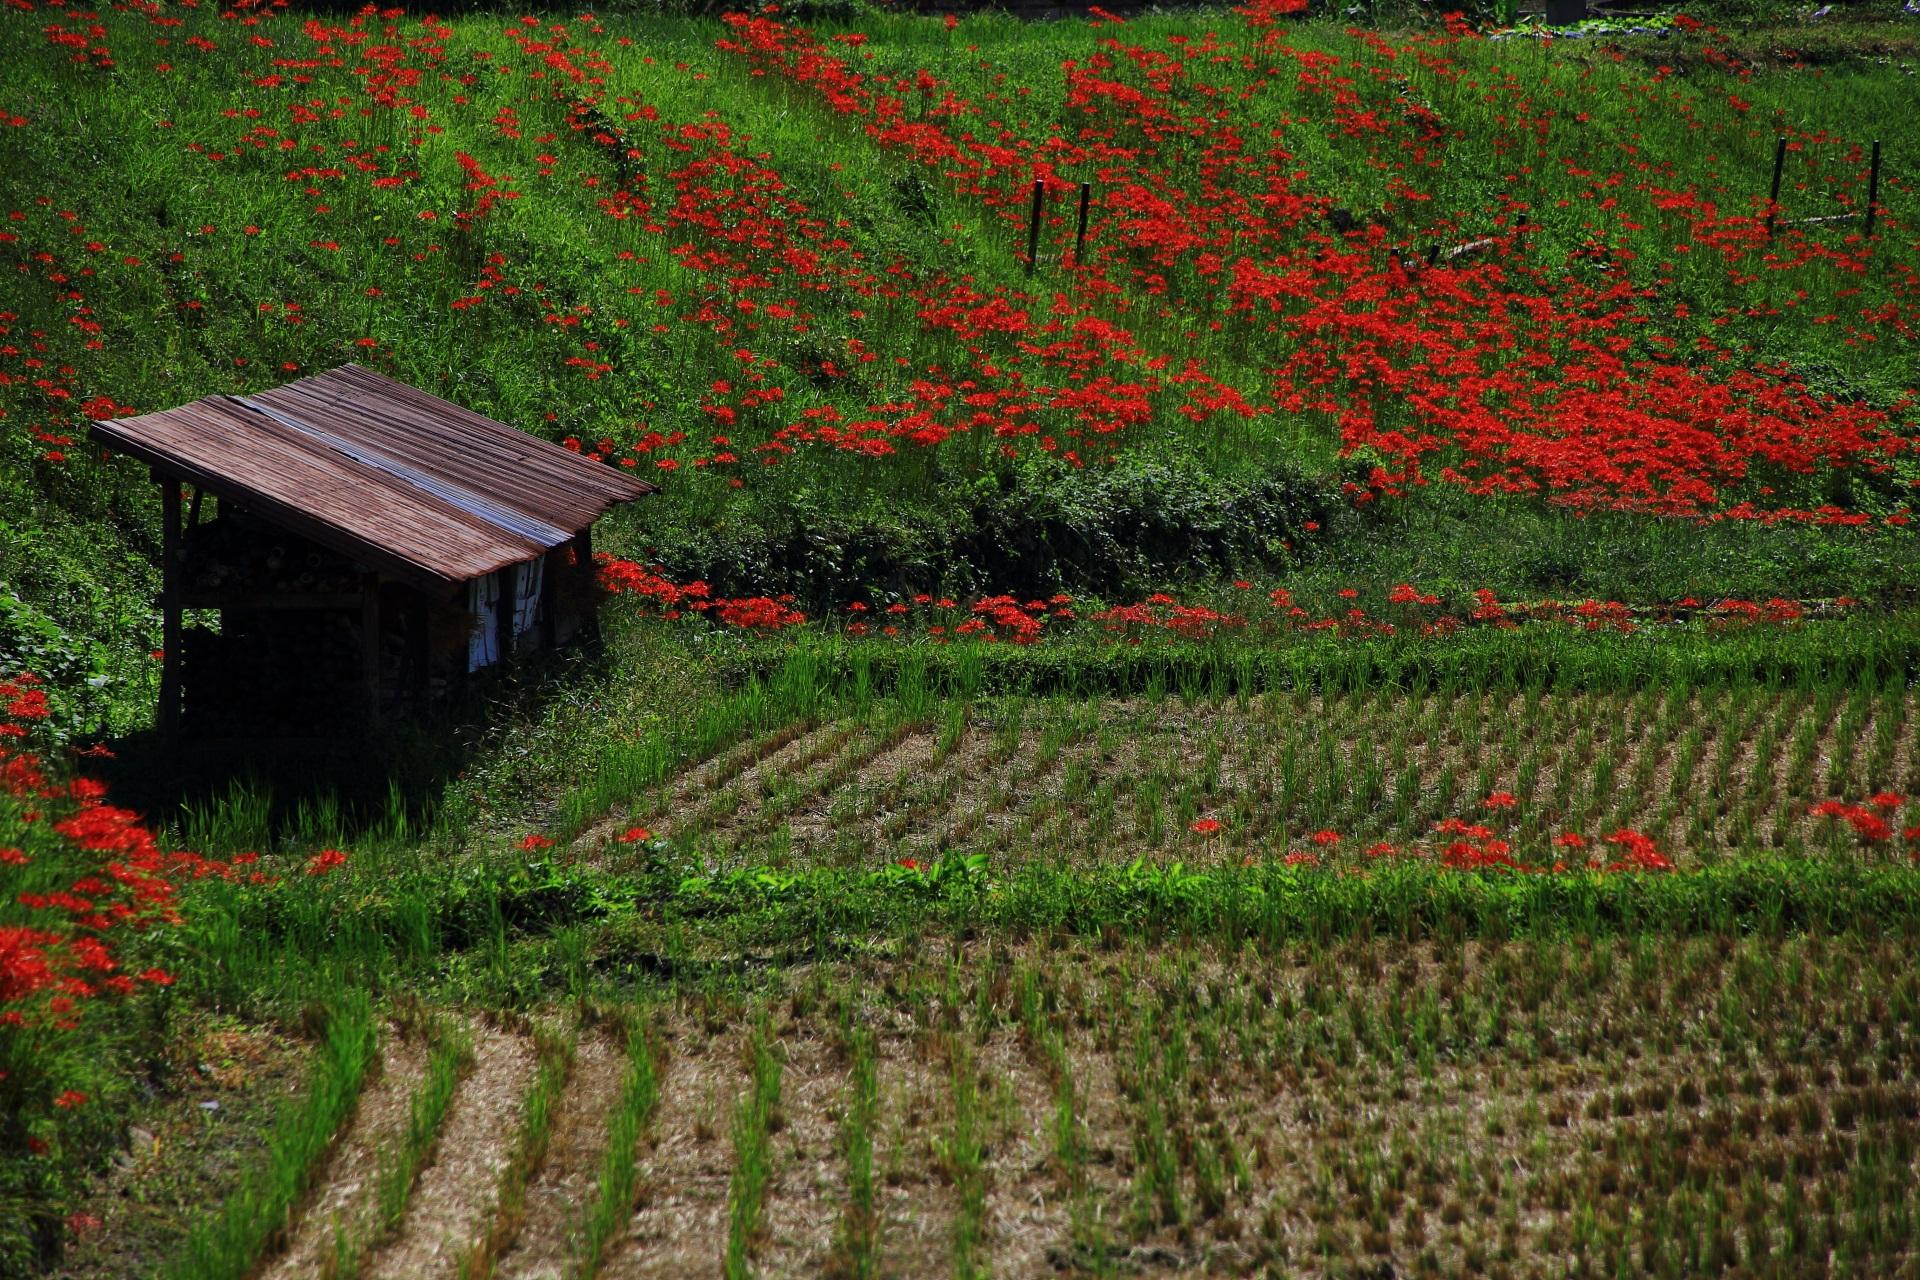 トタン屋根の建物が良い味を出して演出する鮮やかな彼岸花